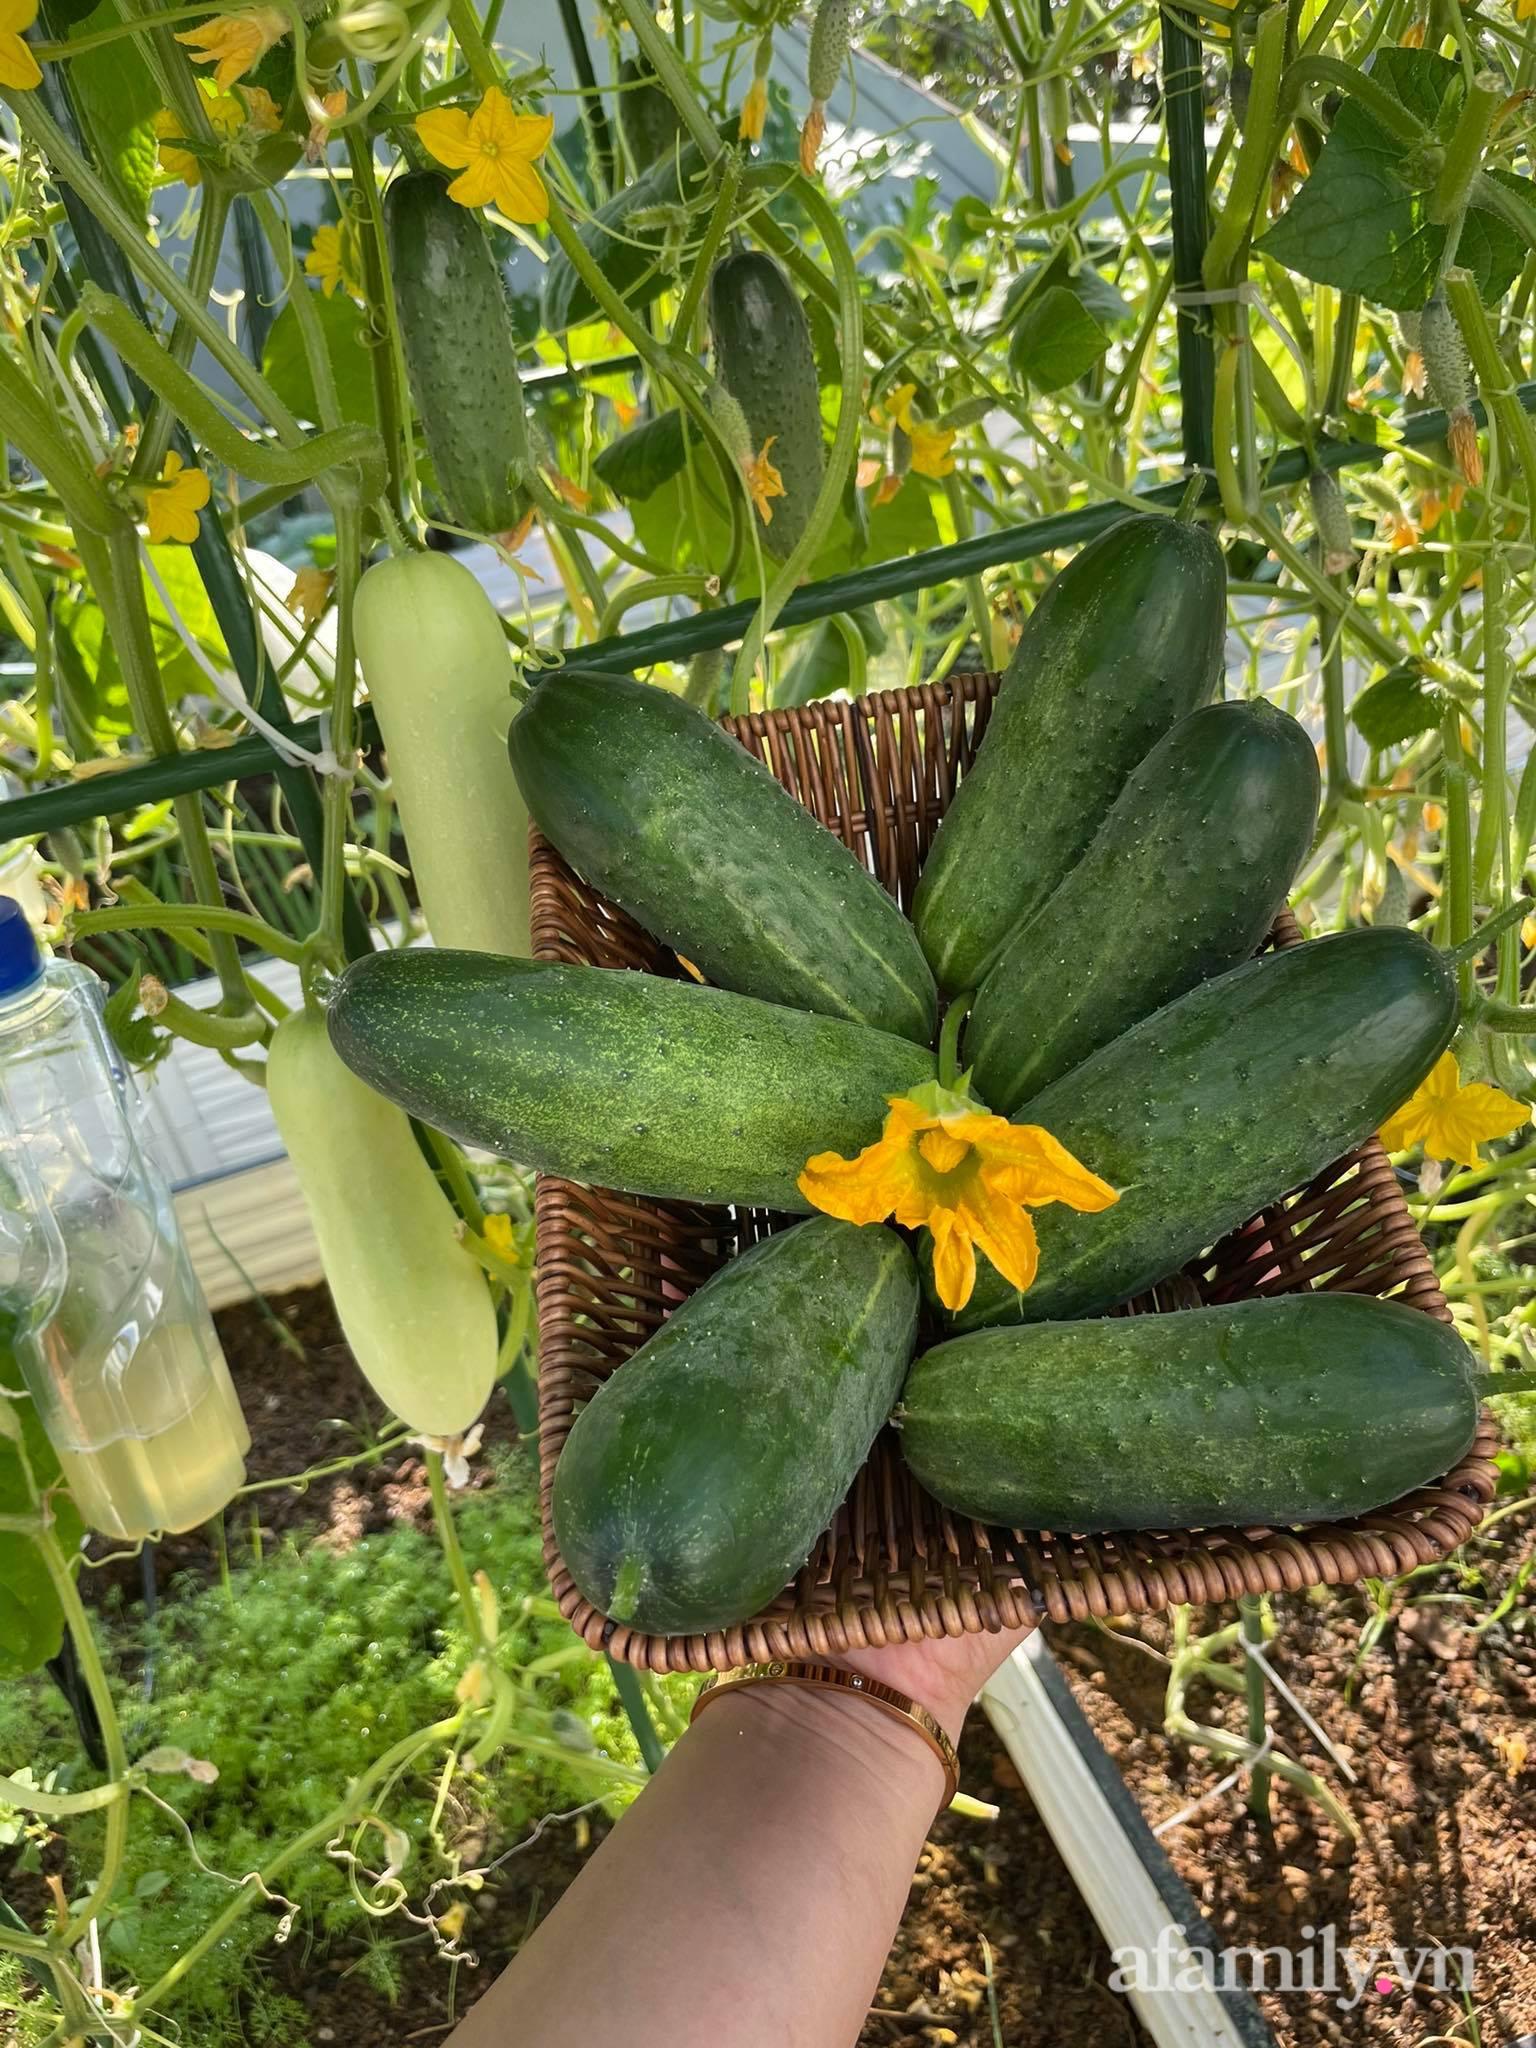 Sân thượng quanh năm bội thu rau trái nhờ bàn tay đảm đang của người mẹ trẻ ở Lào Cai - Ảnh 7.